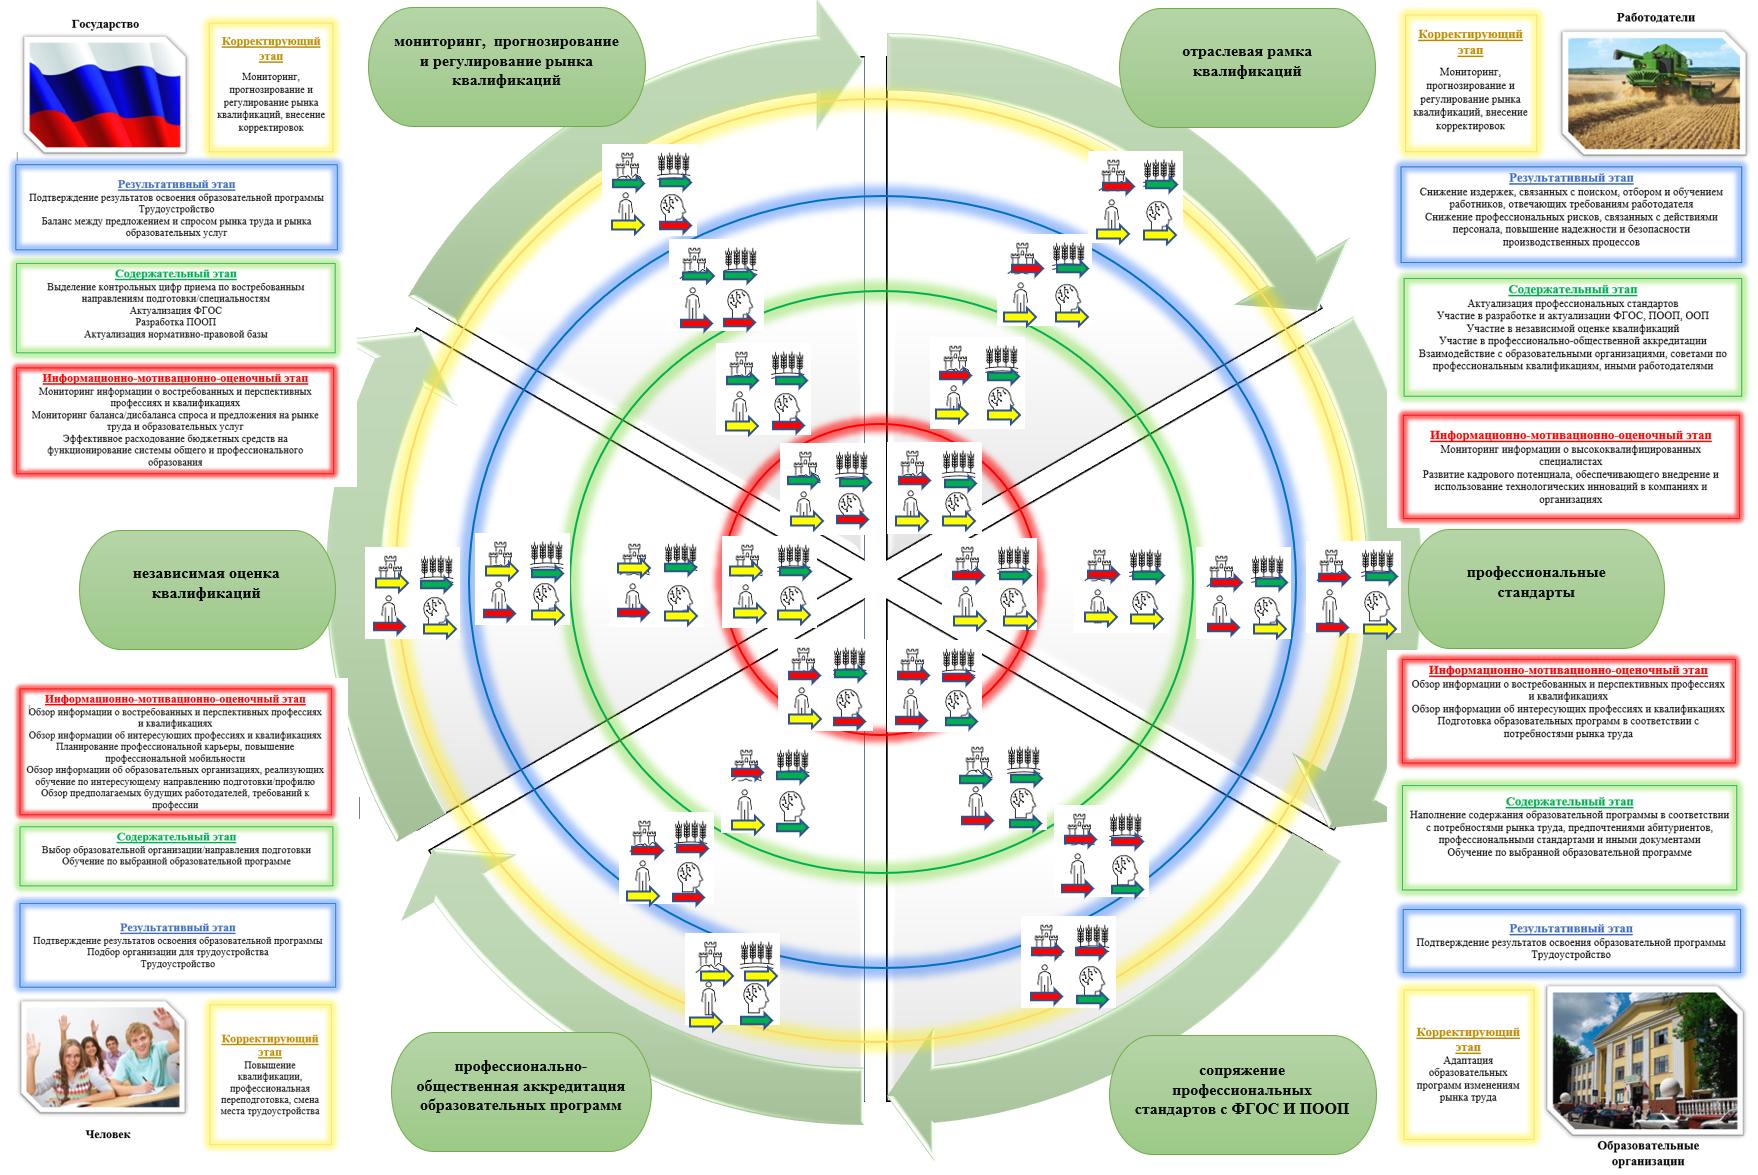 word image 482 Формирование отраслевой системы профессиональных квалификаций АПК для выполнения Стратегии развития аграрного образования